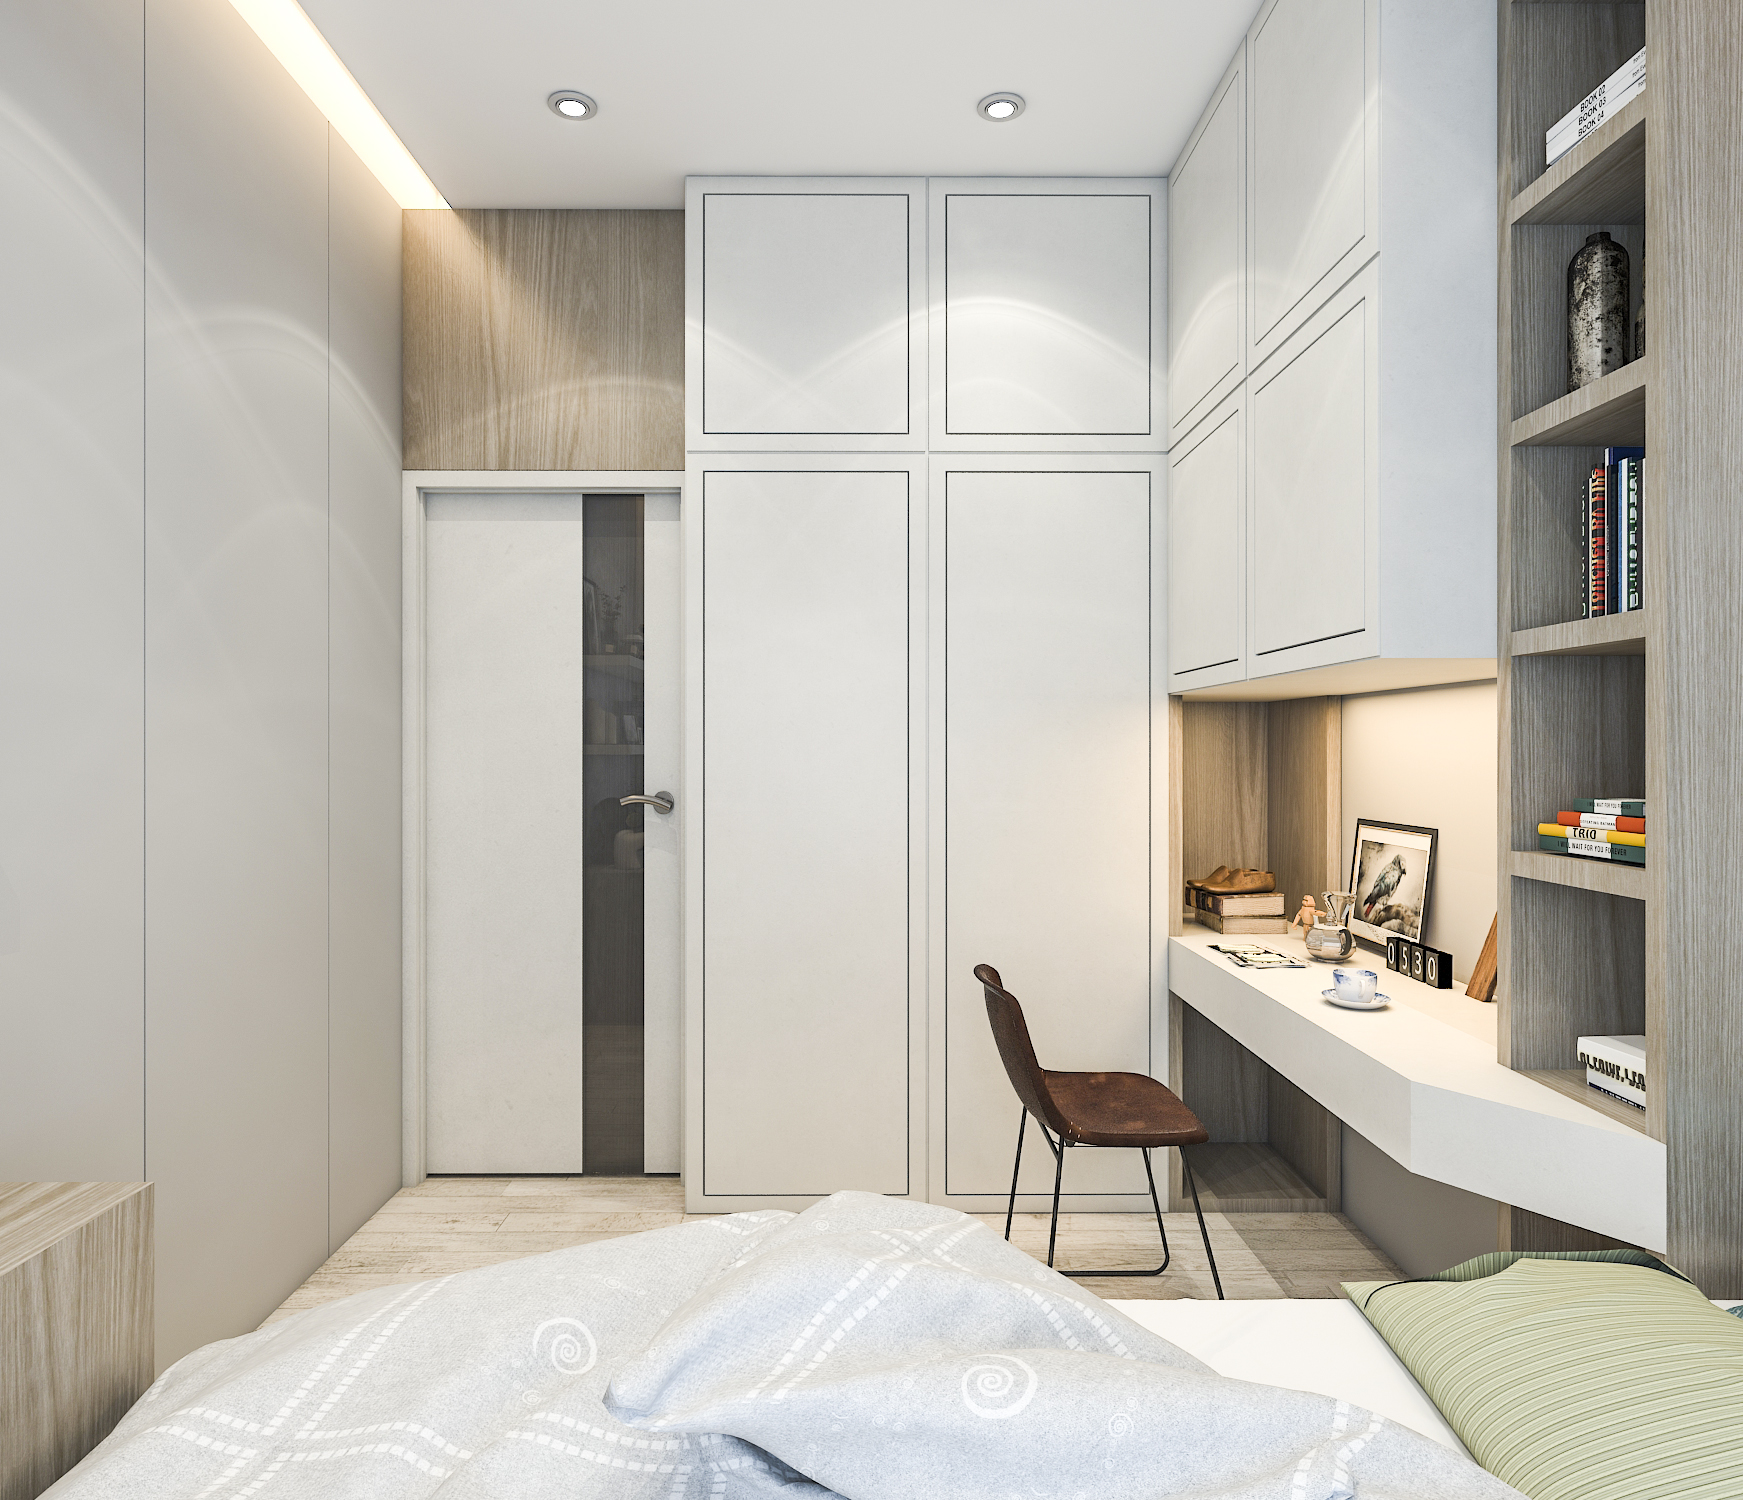 thiết kế nội thất chung cư tại Hồ Chí Minh Mr. Hiếu Apartment 19 1561701457